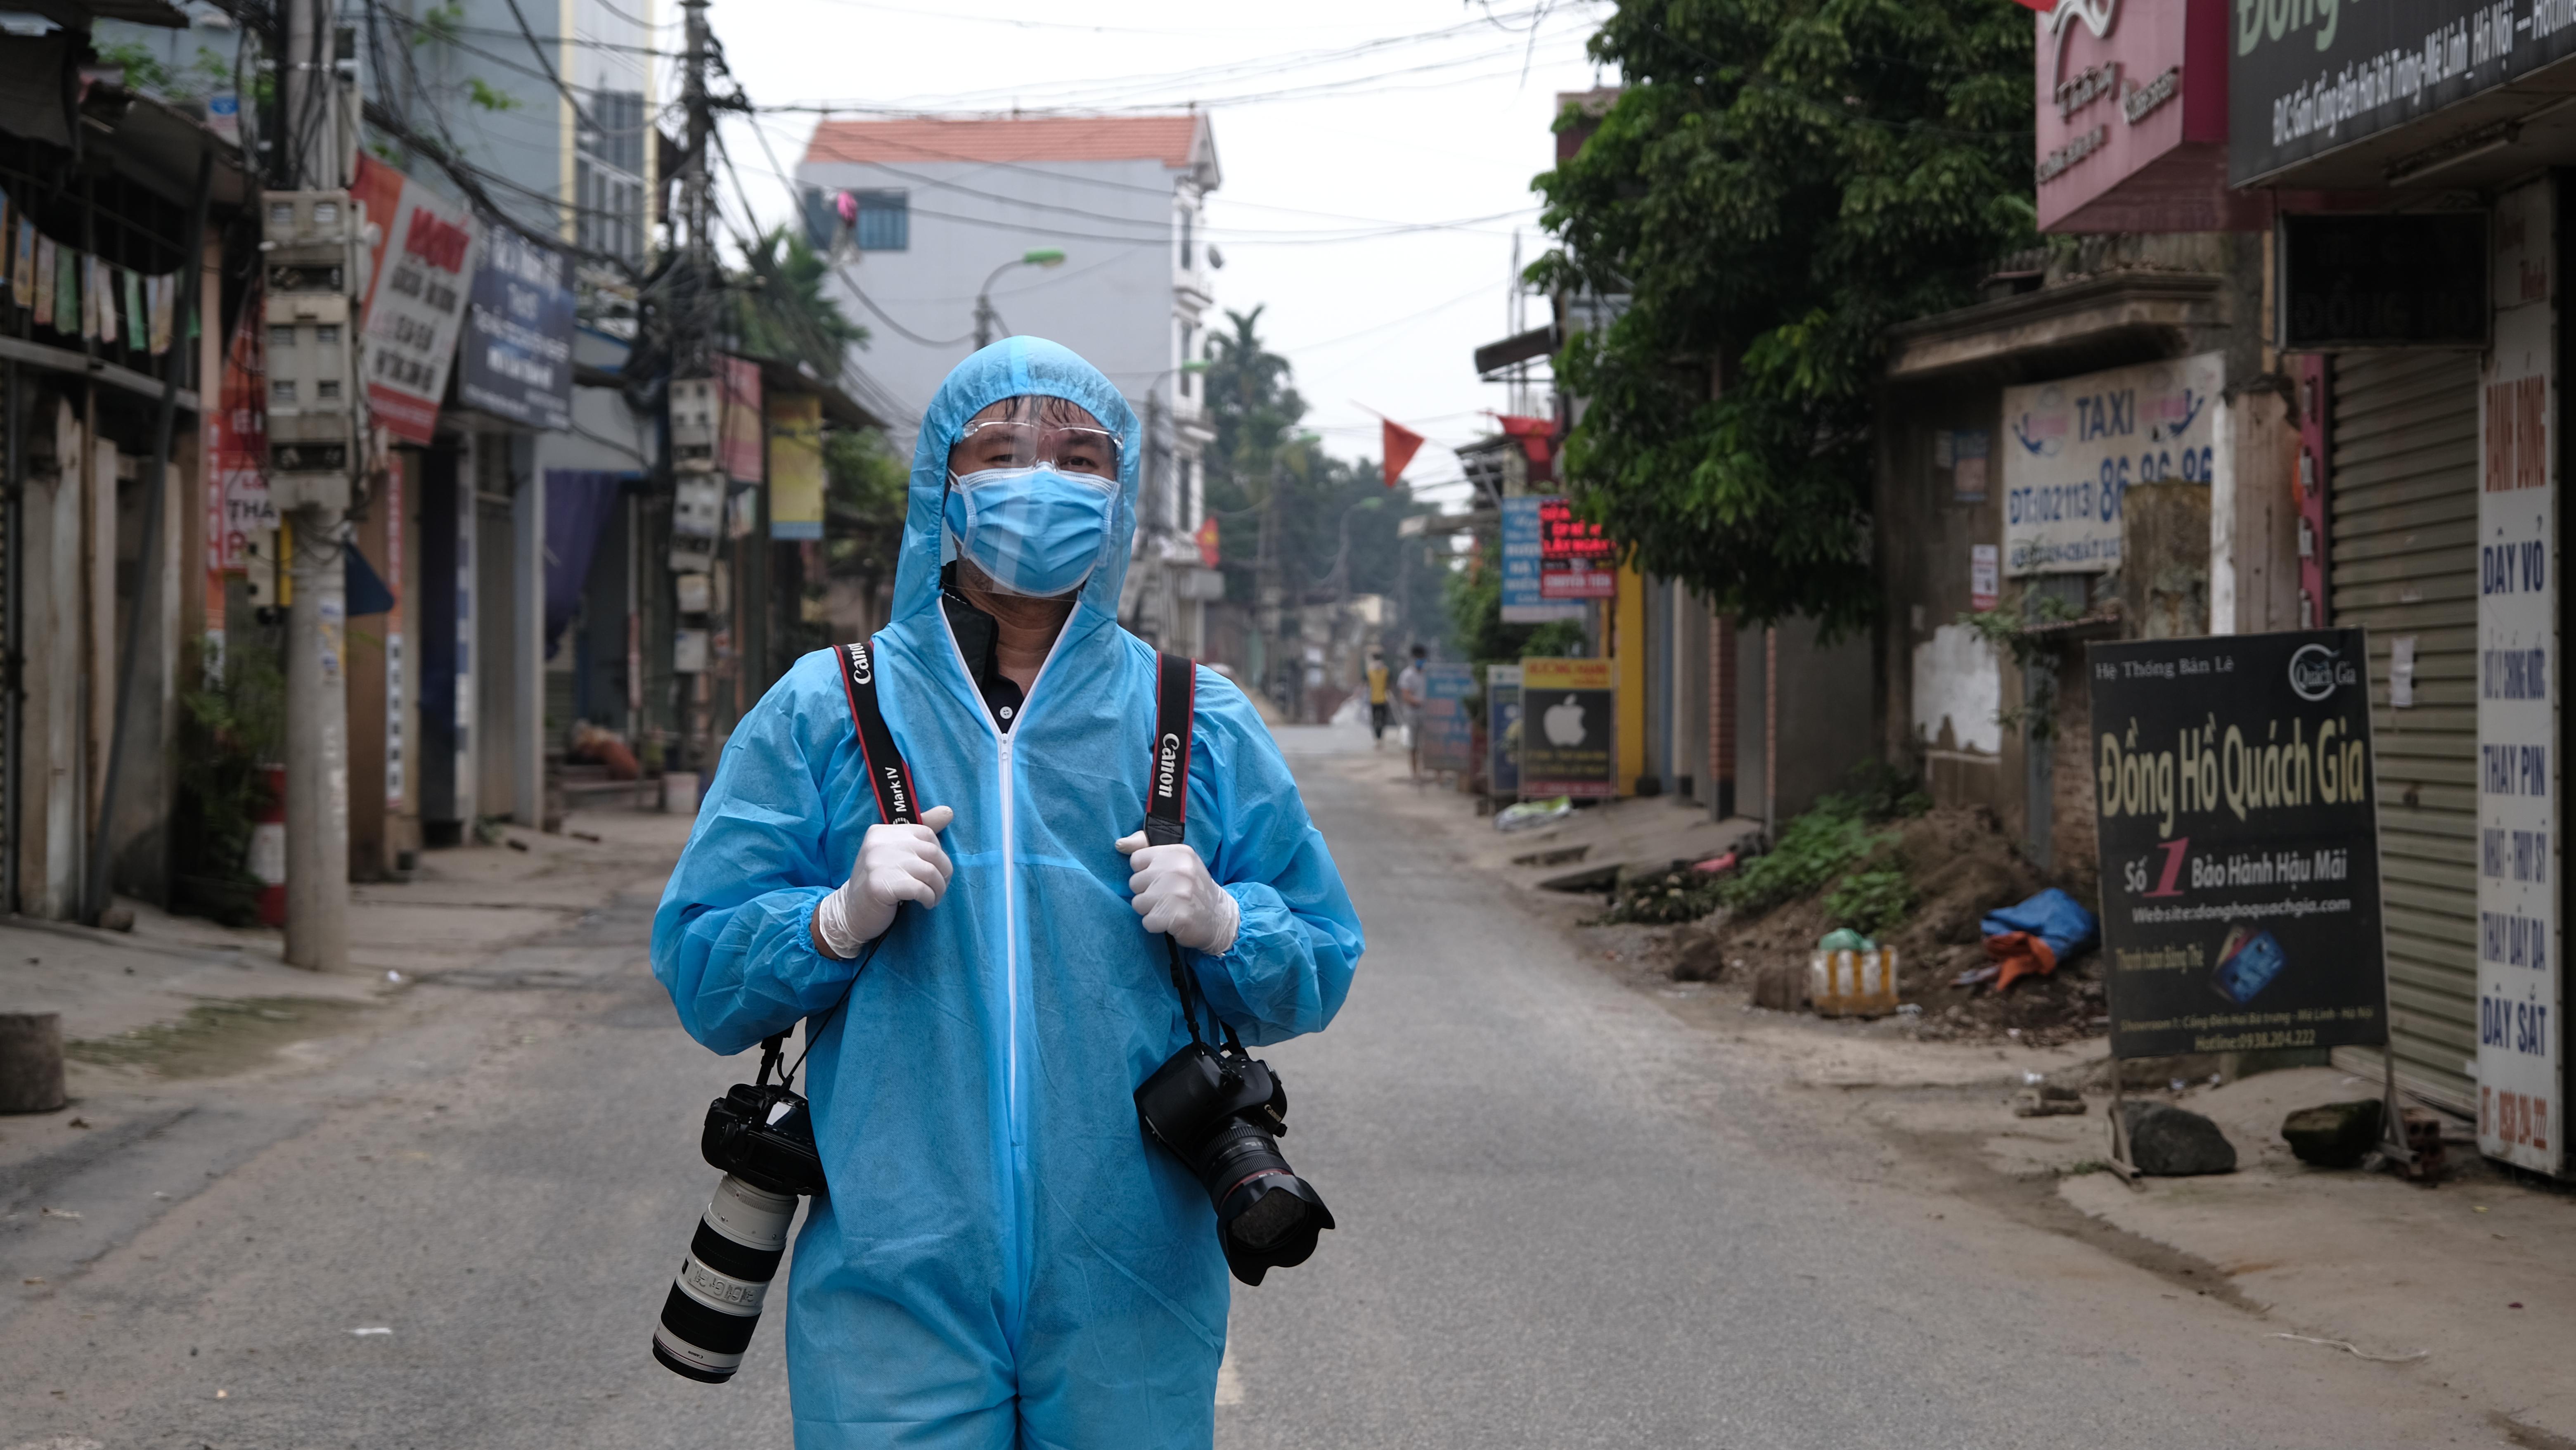 Nhà báo Phạm Quang Vinh tác nghiệp tại Hạ Lôi (Mê Linh, Hà Nội).